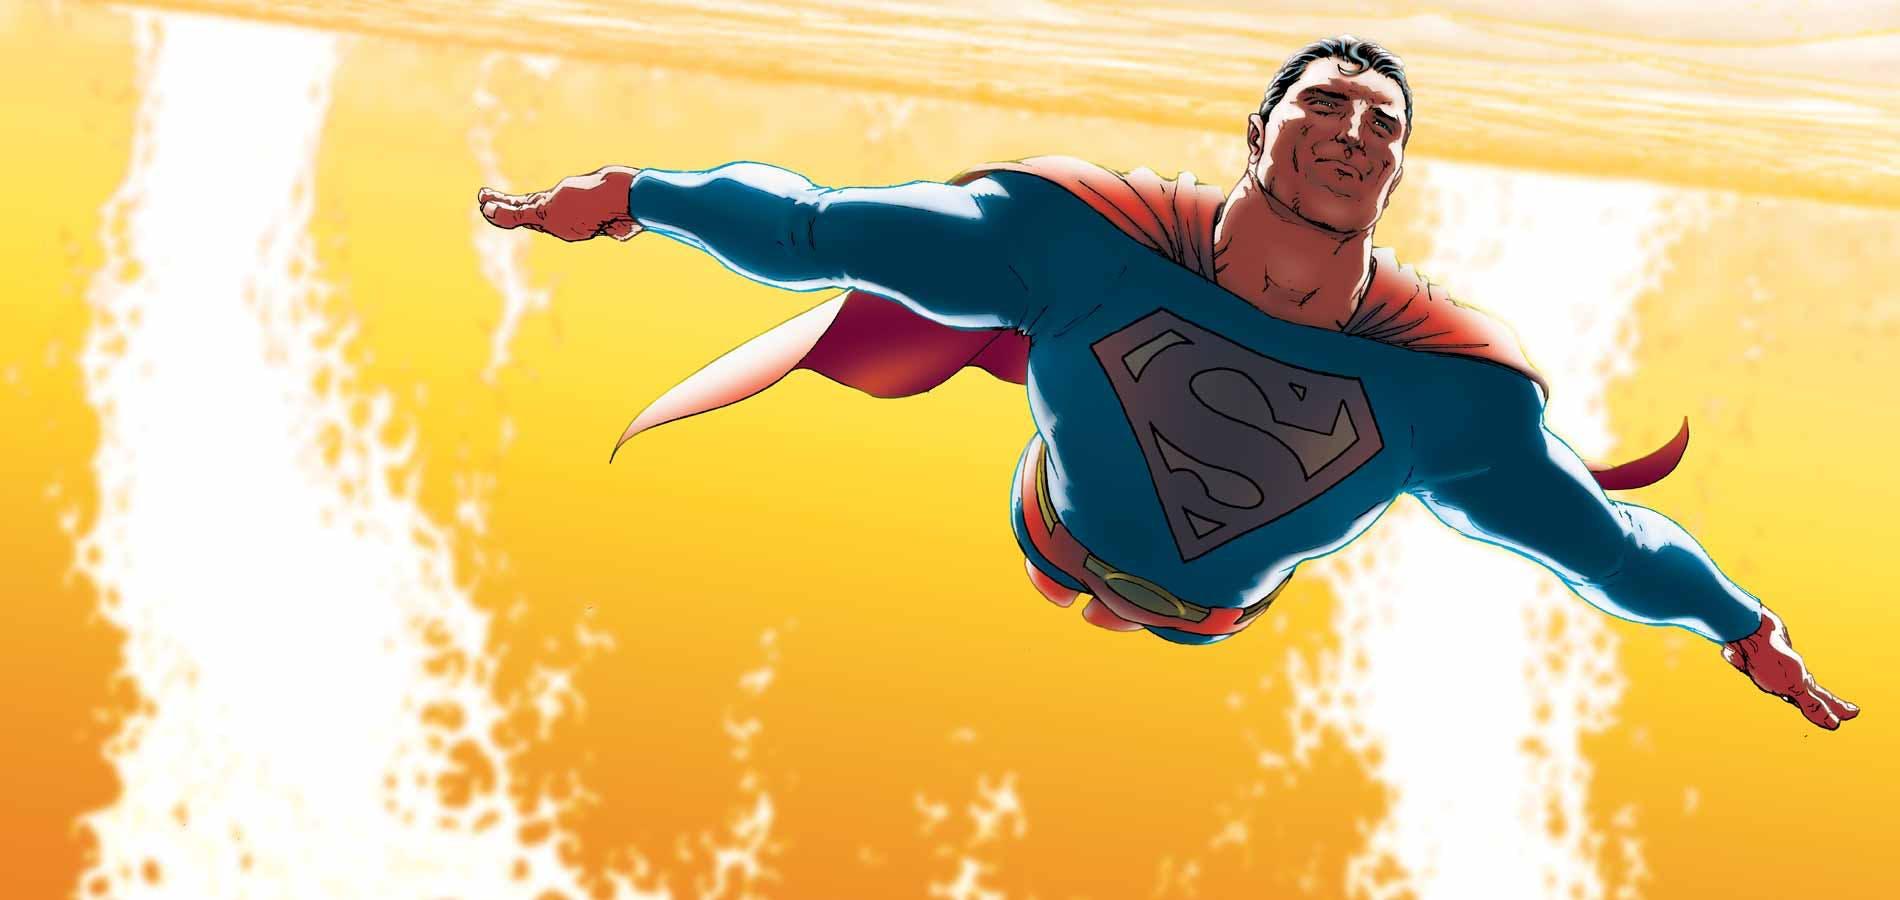 dc heroes superman